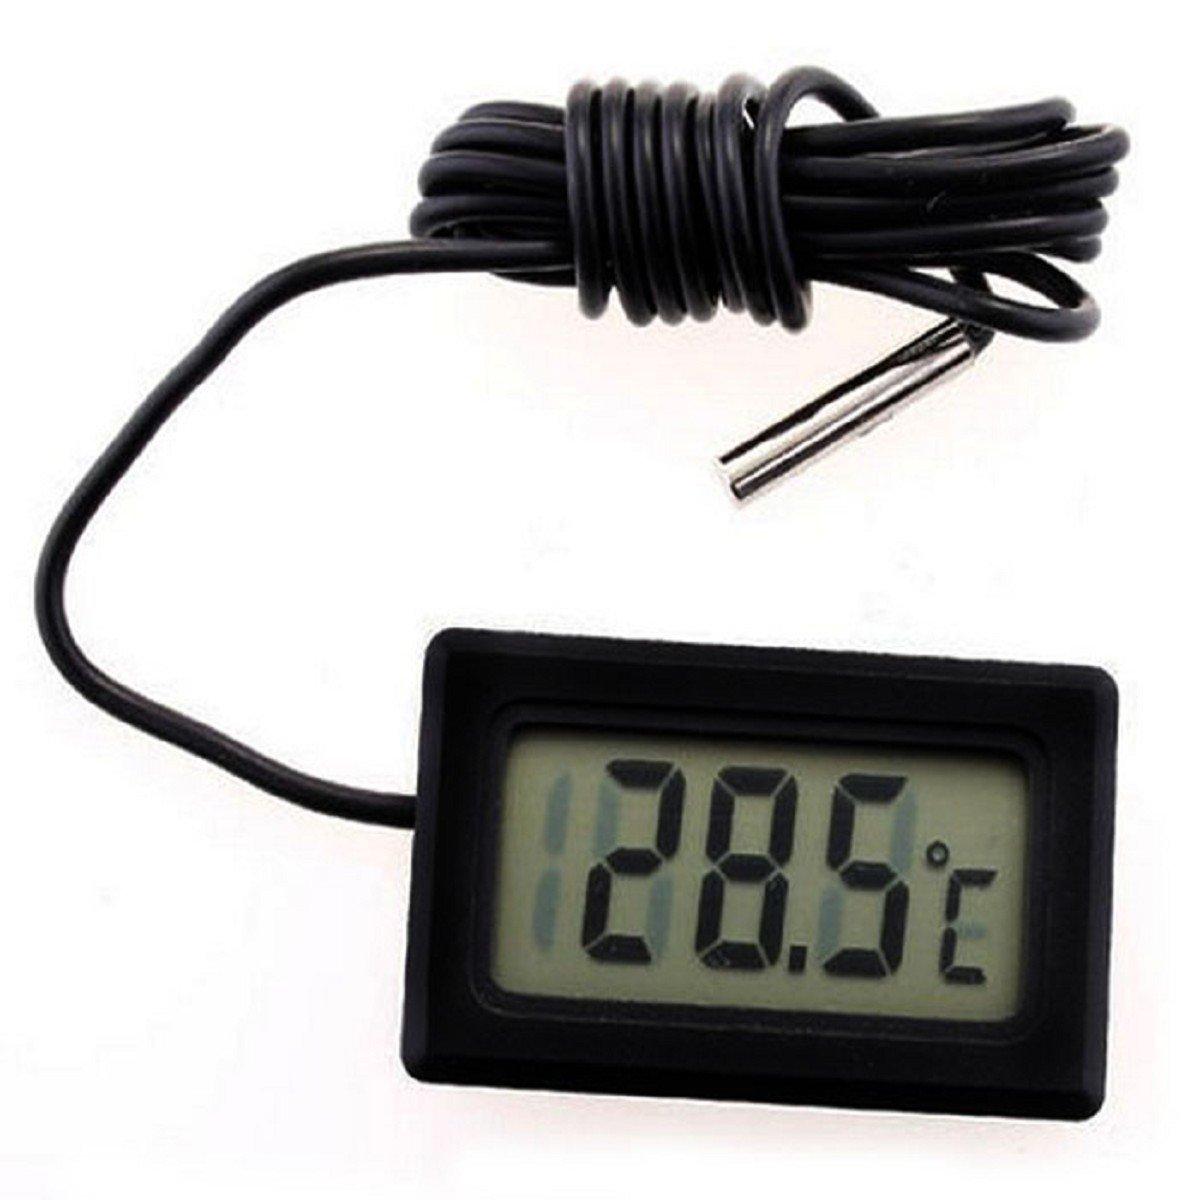 Tongshi Sensor Termómetro Digital LCD Nuevo Mini Temperatura Termómetro Frigorífico Congelador